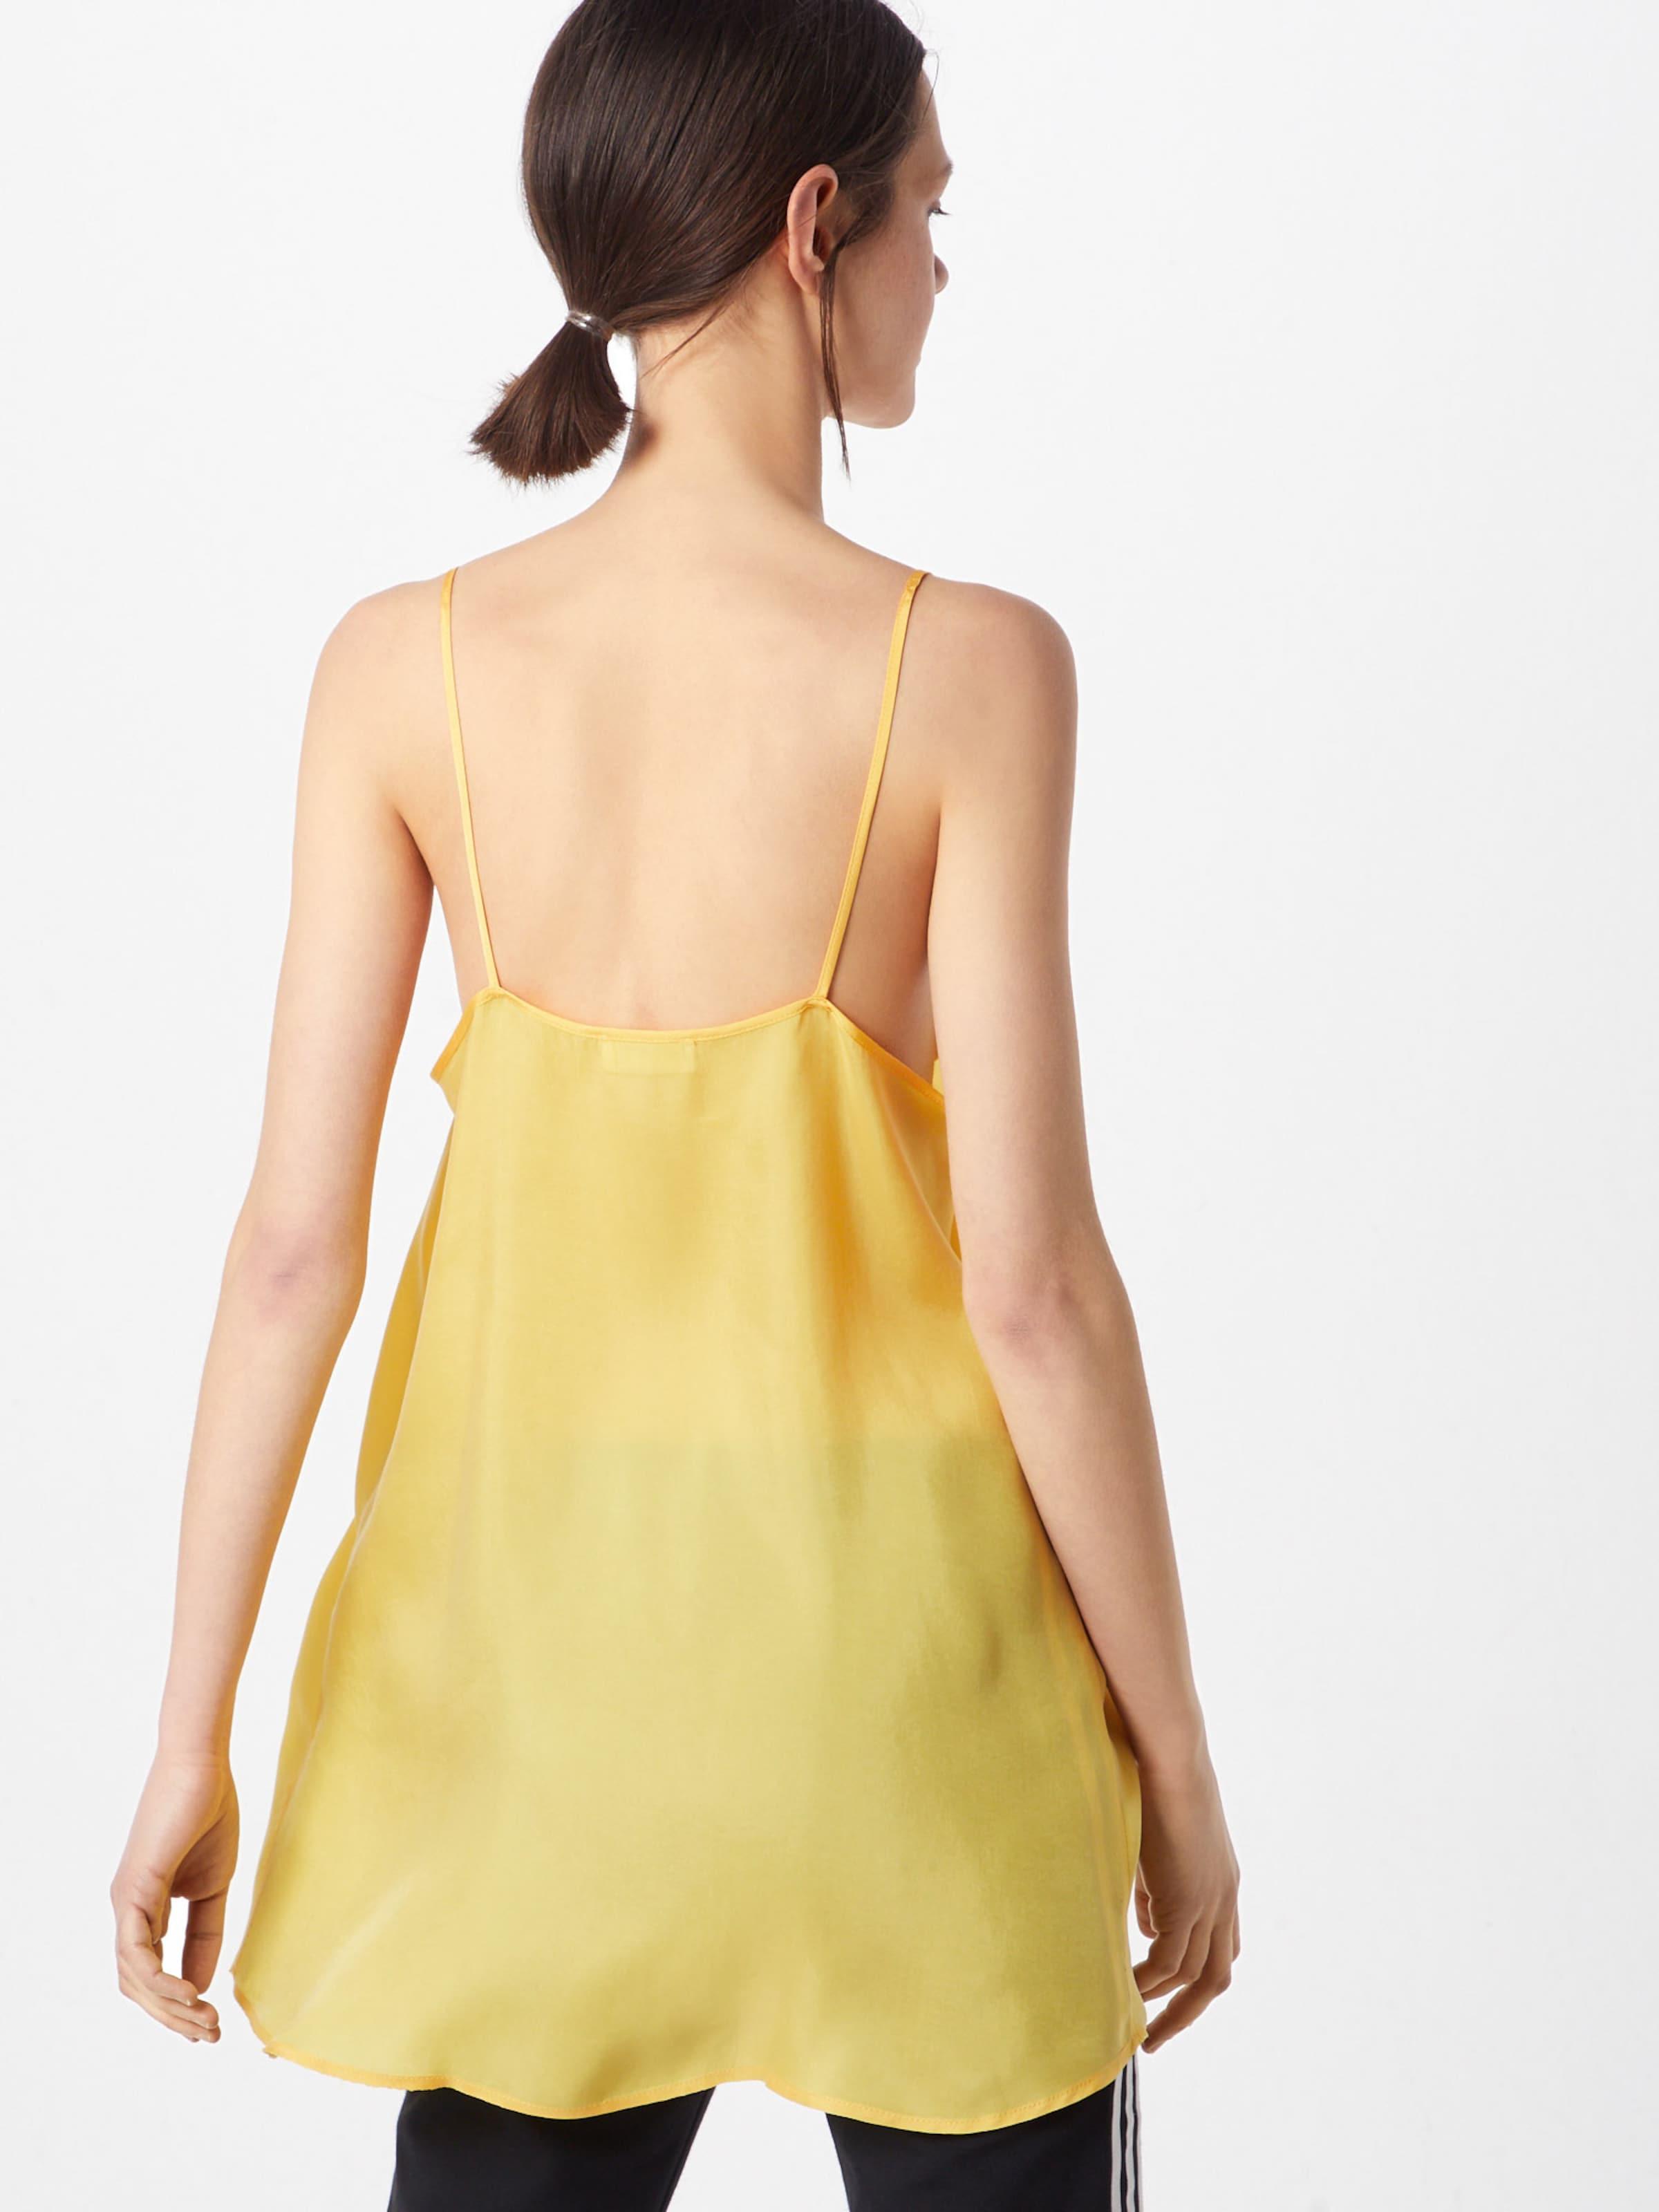 In 'nonogarden' Gelb Vintage American Top O0mnwNyv8